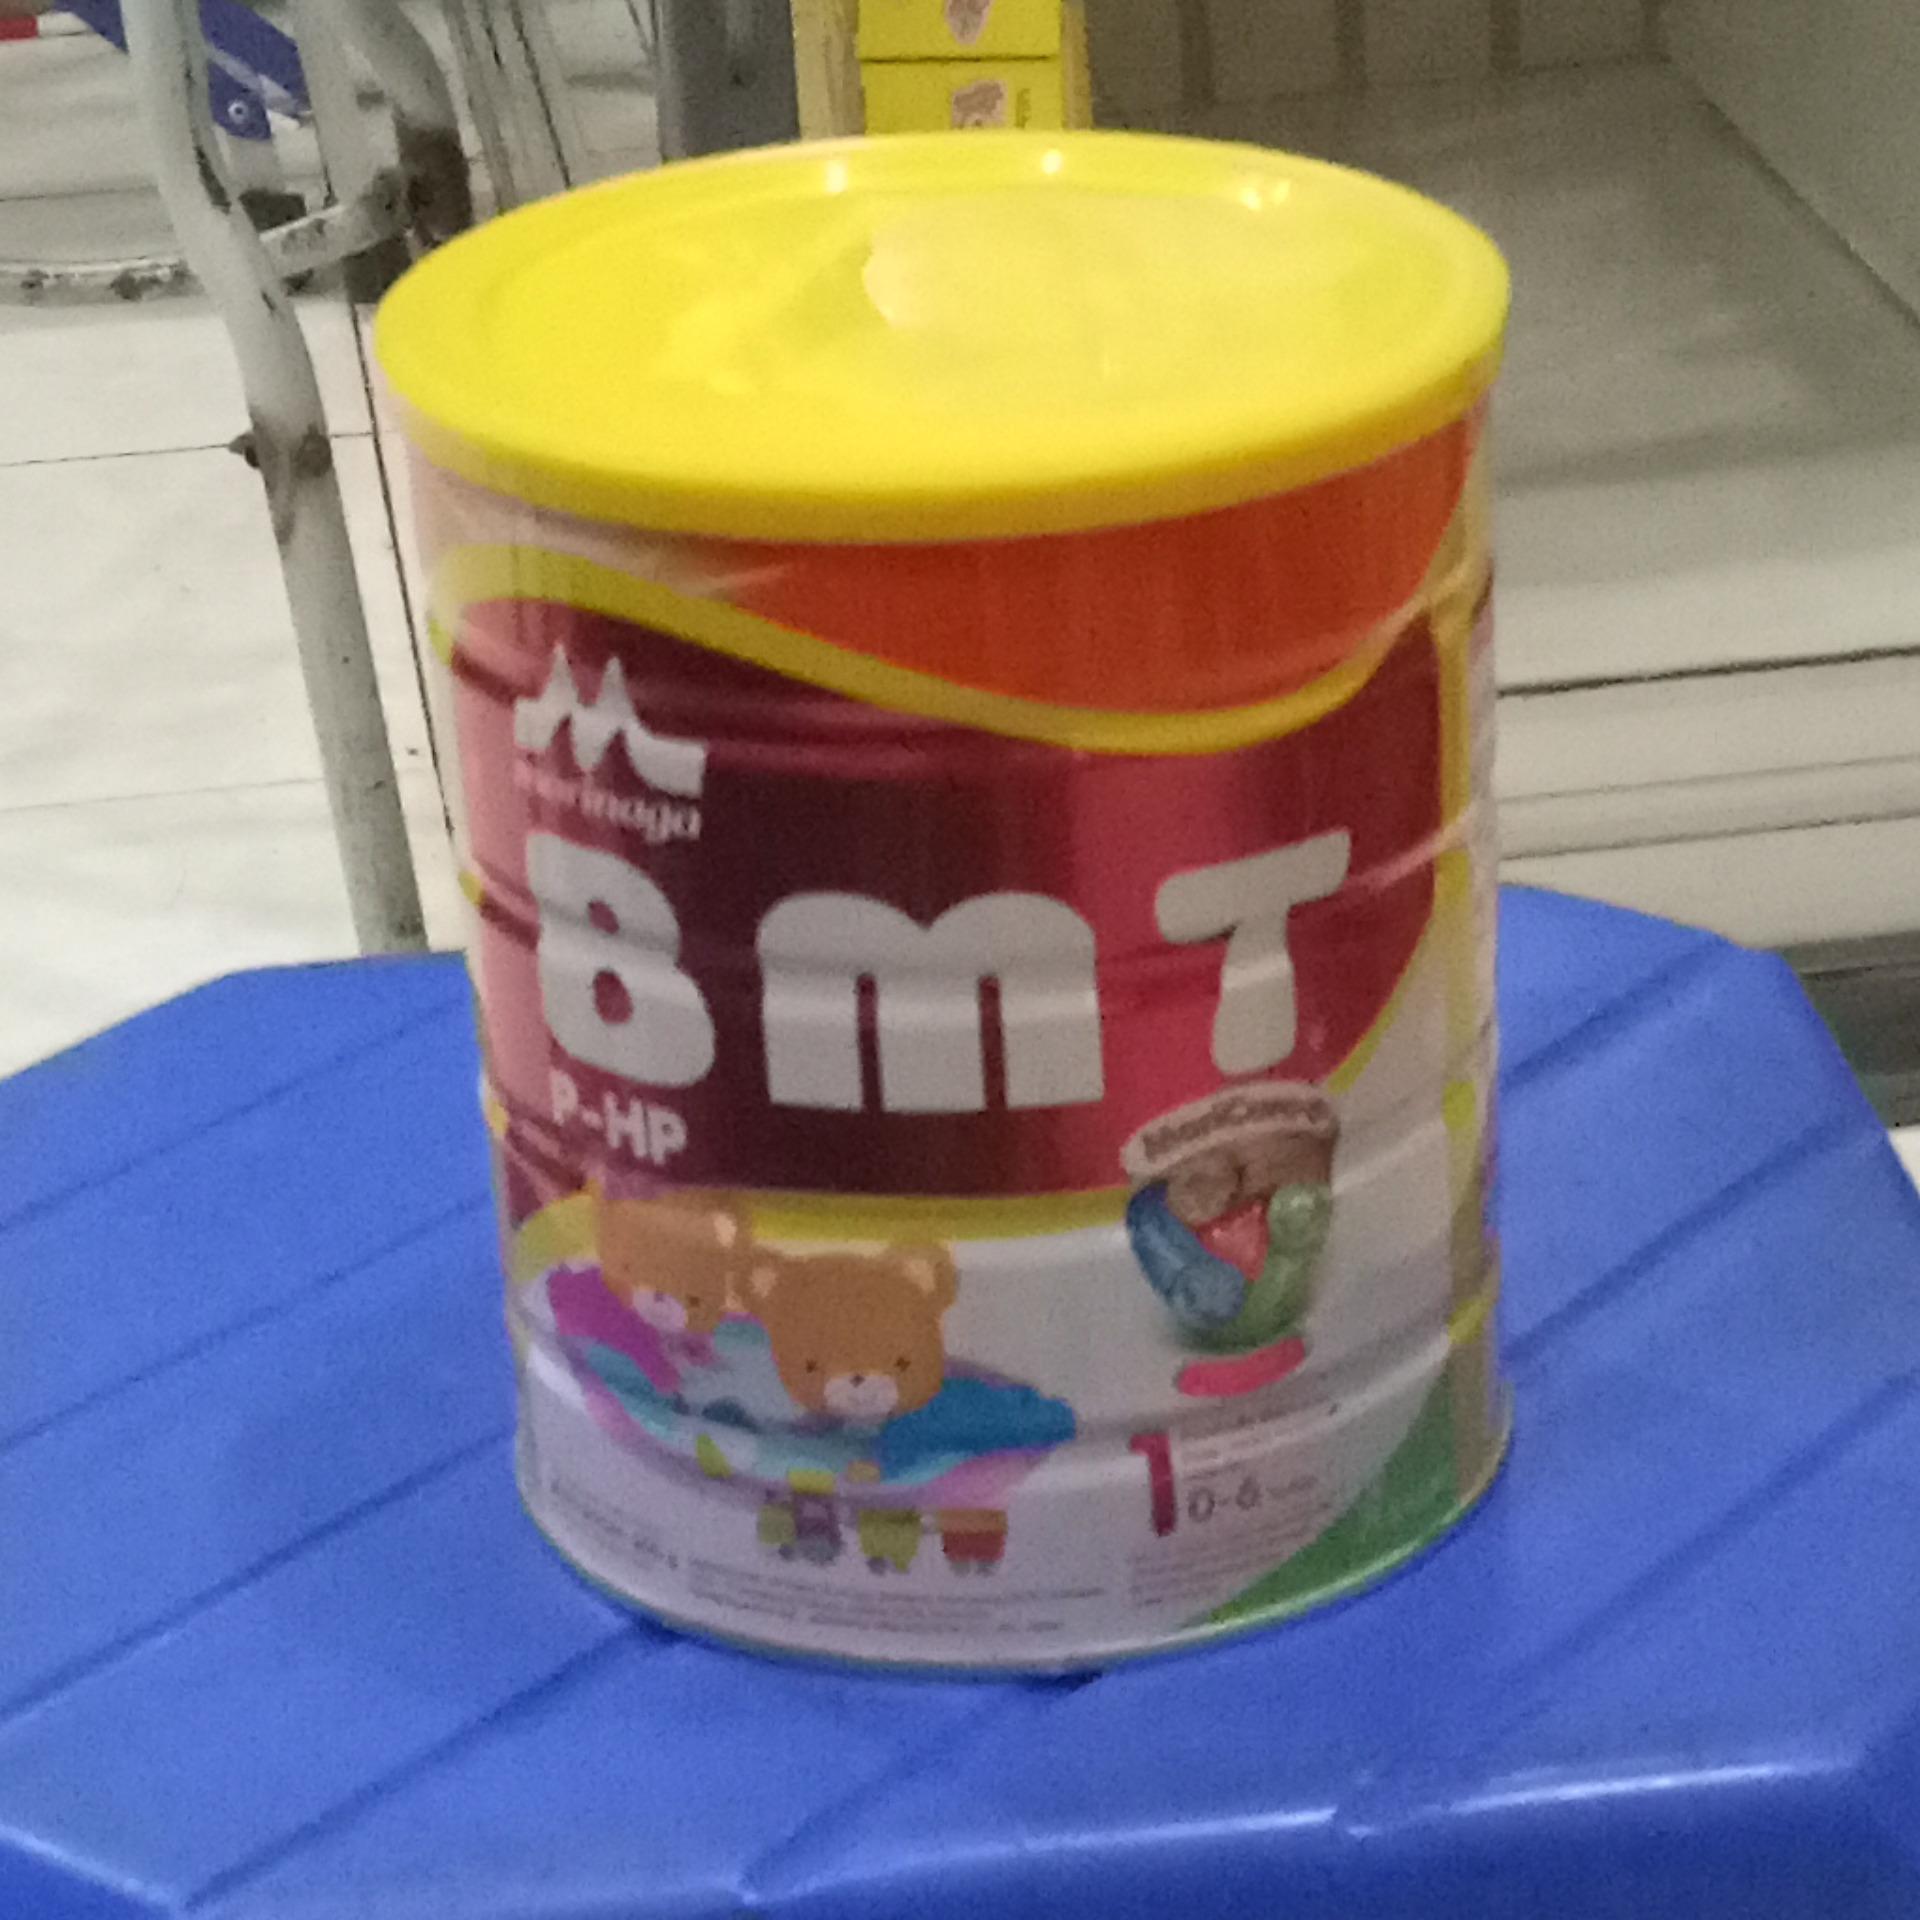 Morinaga Bmt Php 800 Gr Daftar Harga Terbaik Terkini Dan Chil Mil Platinum Moricare Tahap 2 6 12m 400